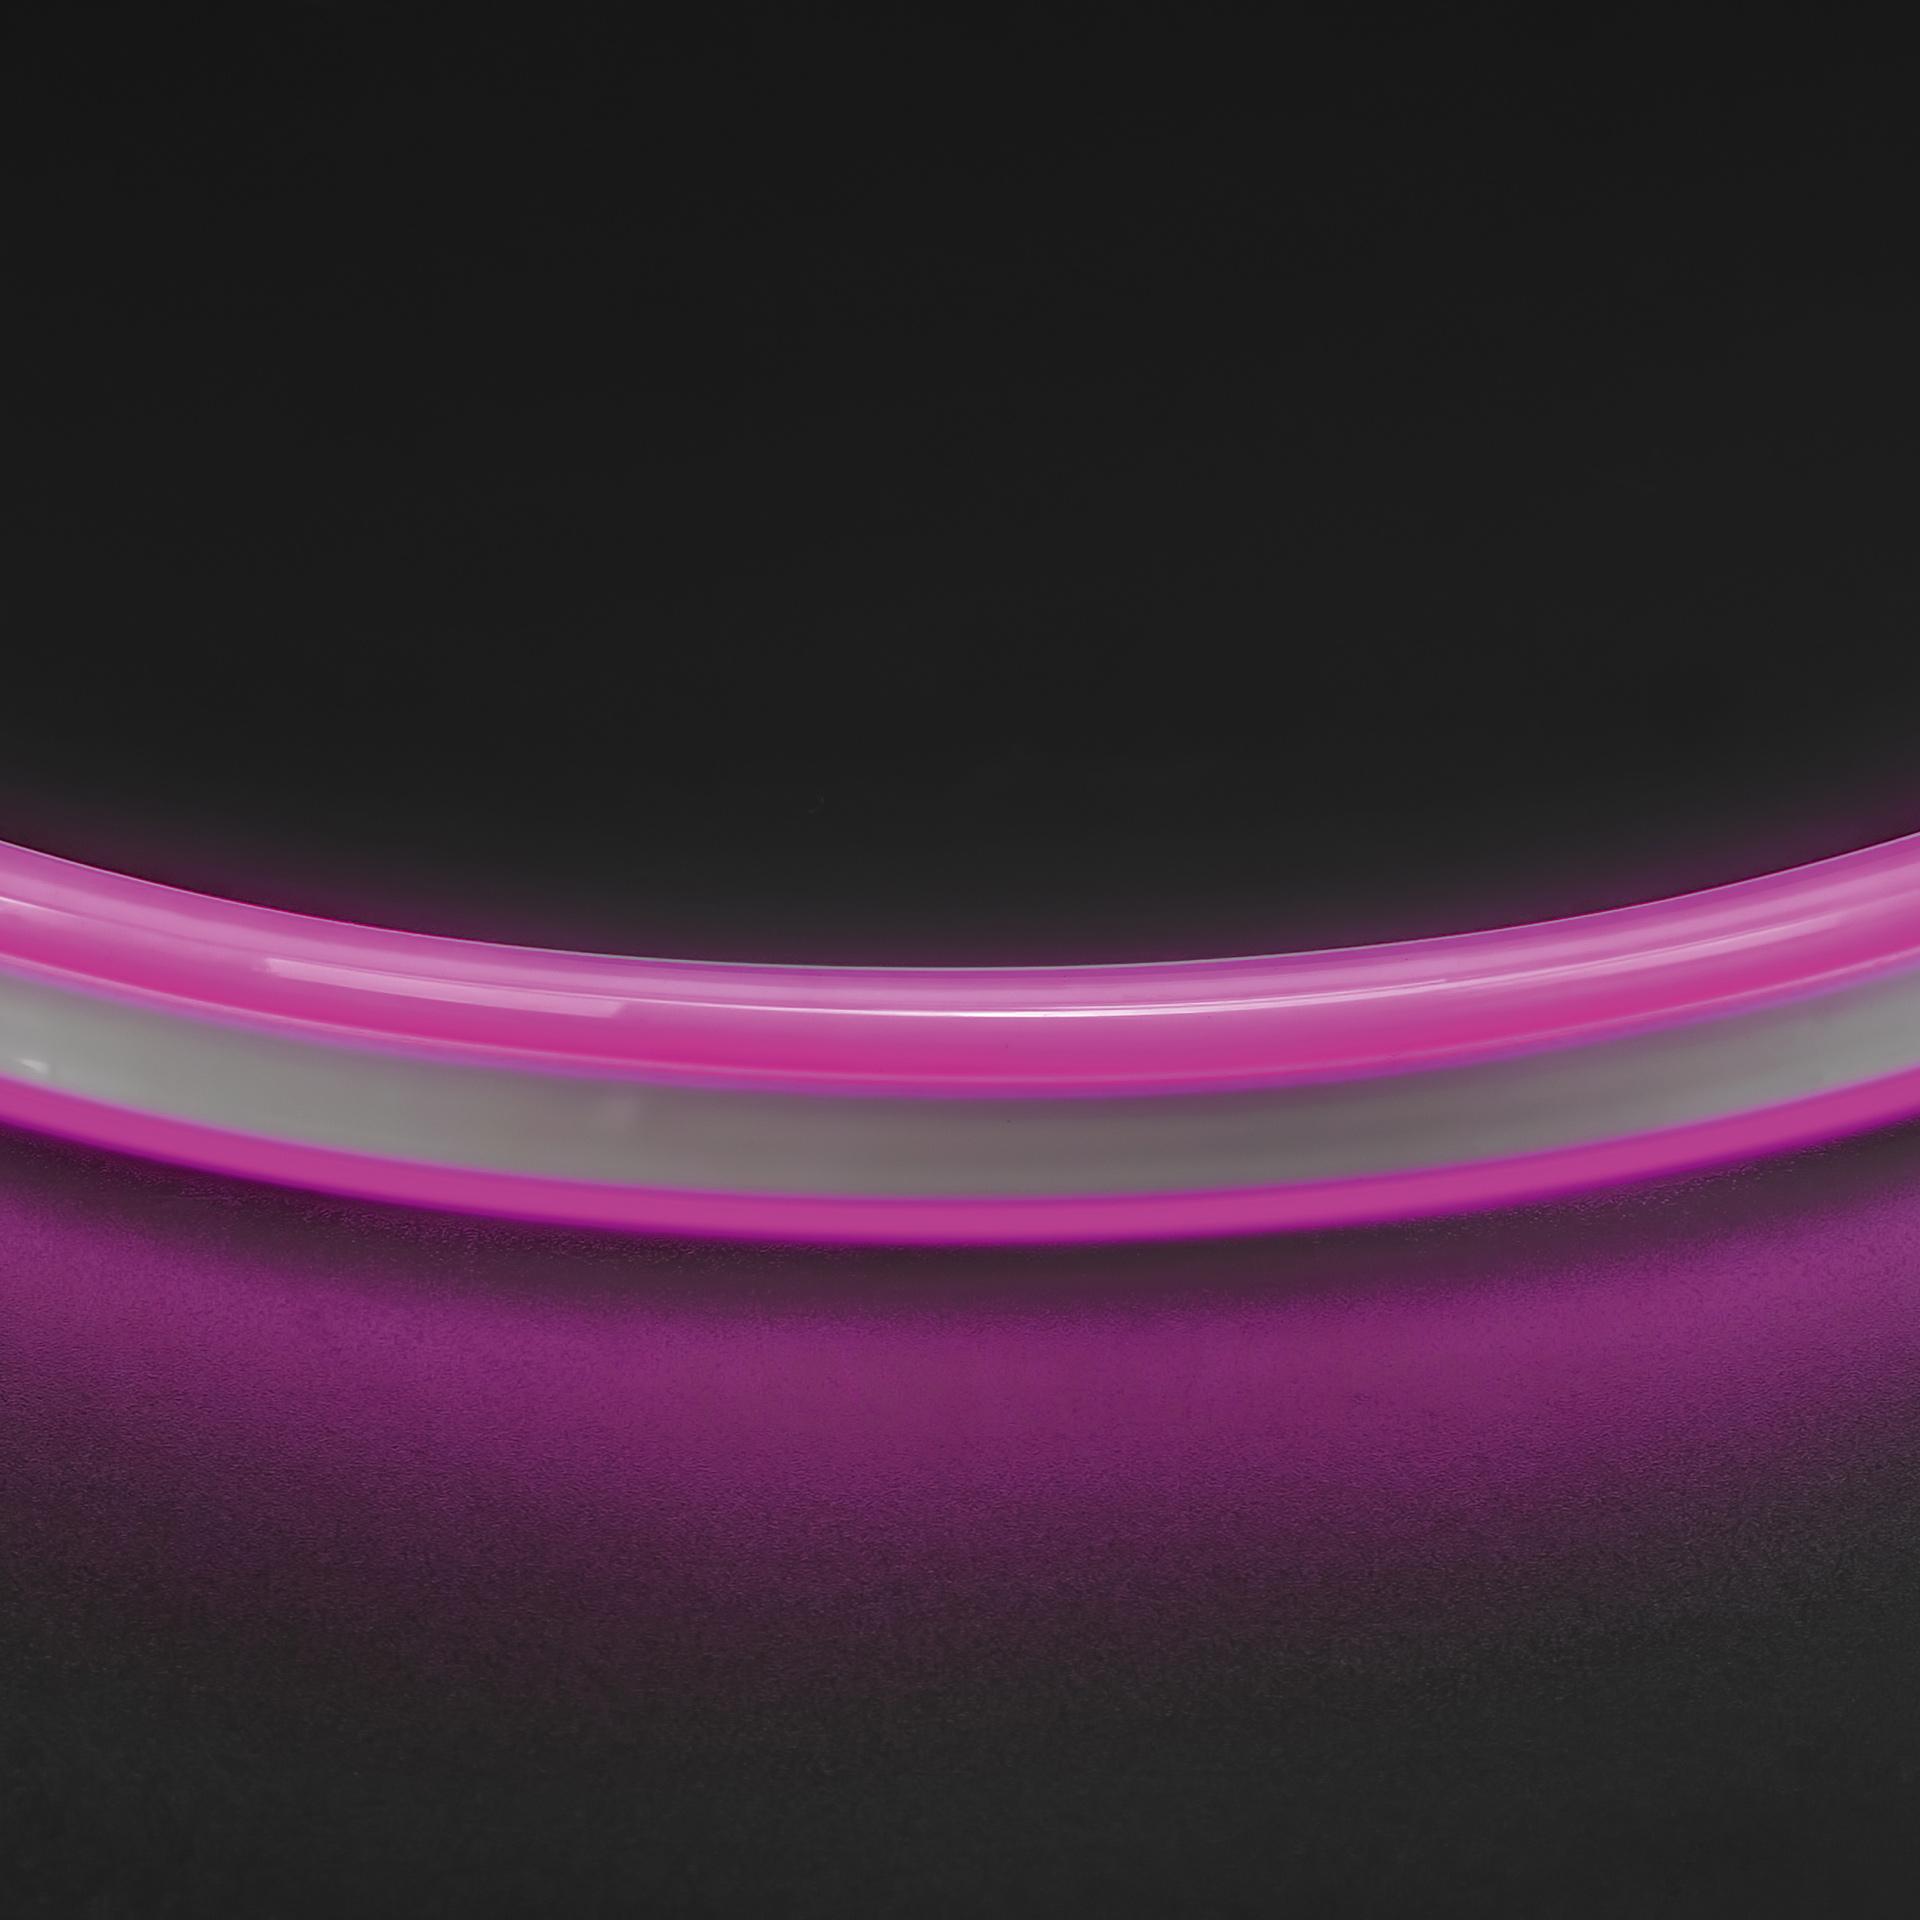 Лента гибкая неоновая NEOLED 220V 120 LED фиолетовый цвет IP65 Lightstar 430108, купить в СПб, Москве, с доставкой, Санкт-Петербург, интернет-магазин люстр и светильников Starlight, фото в жизни